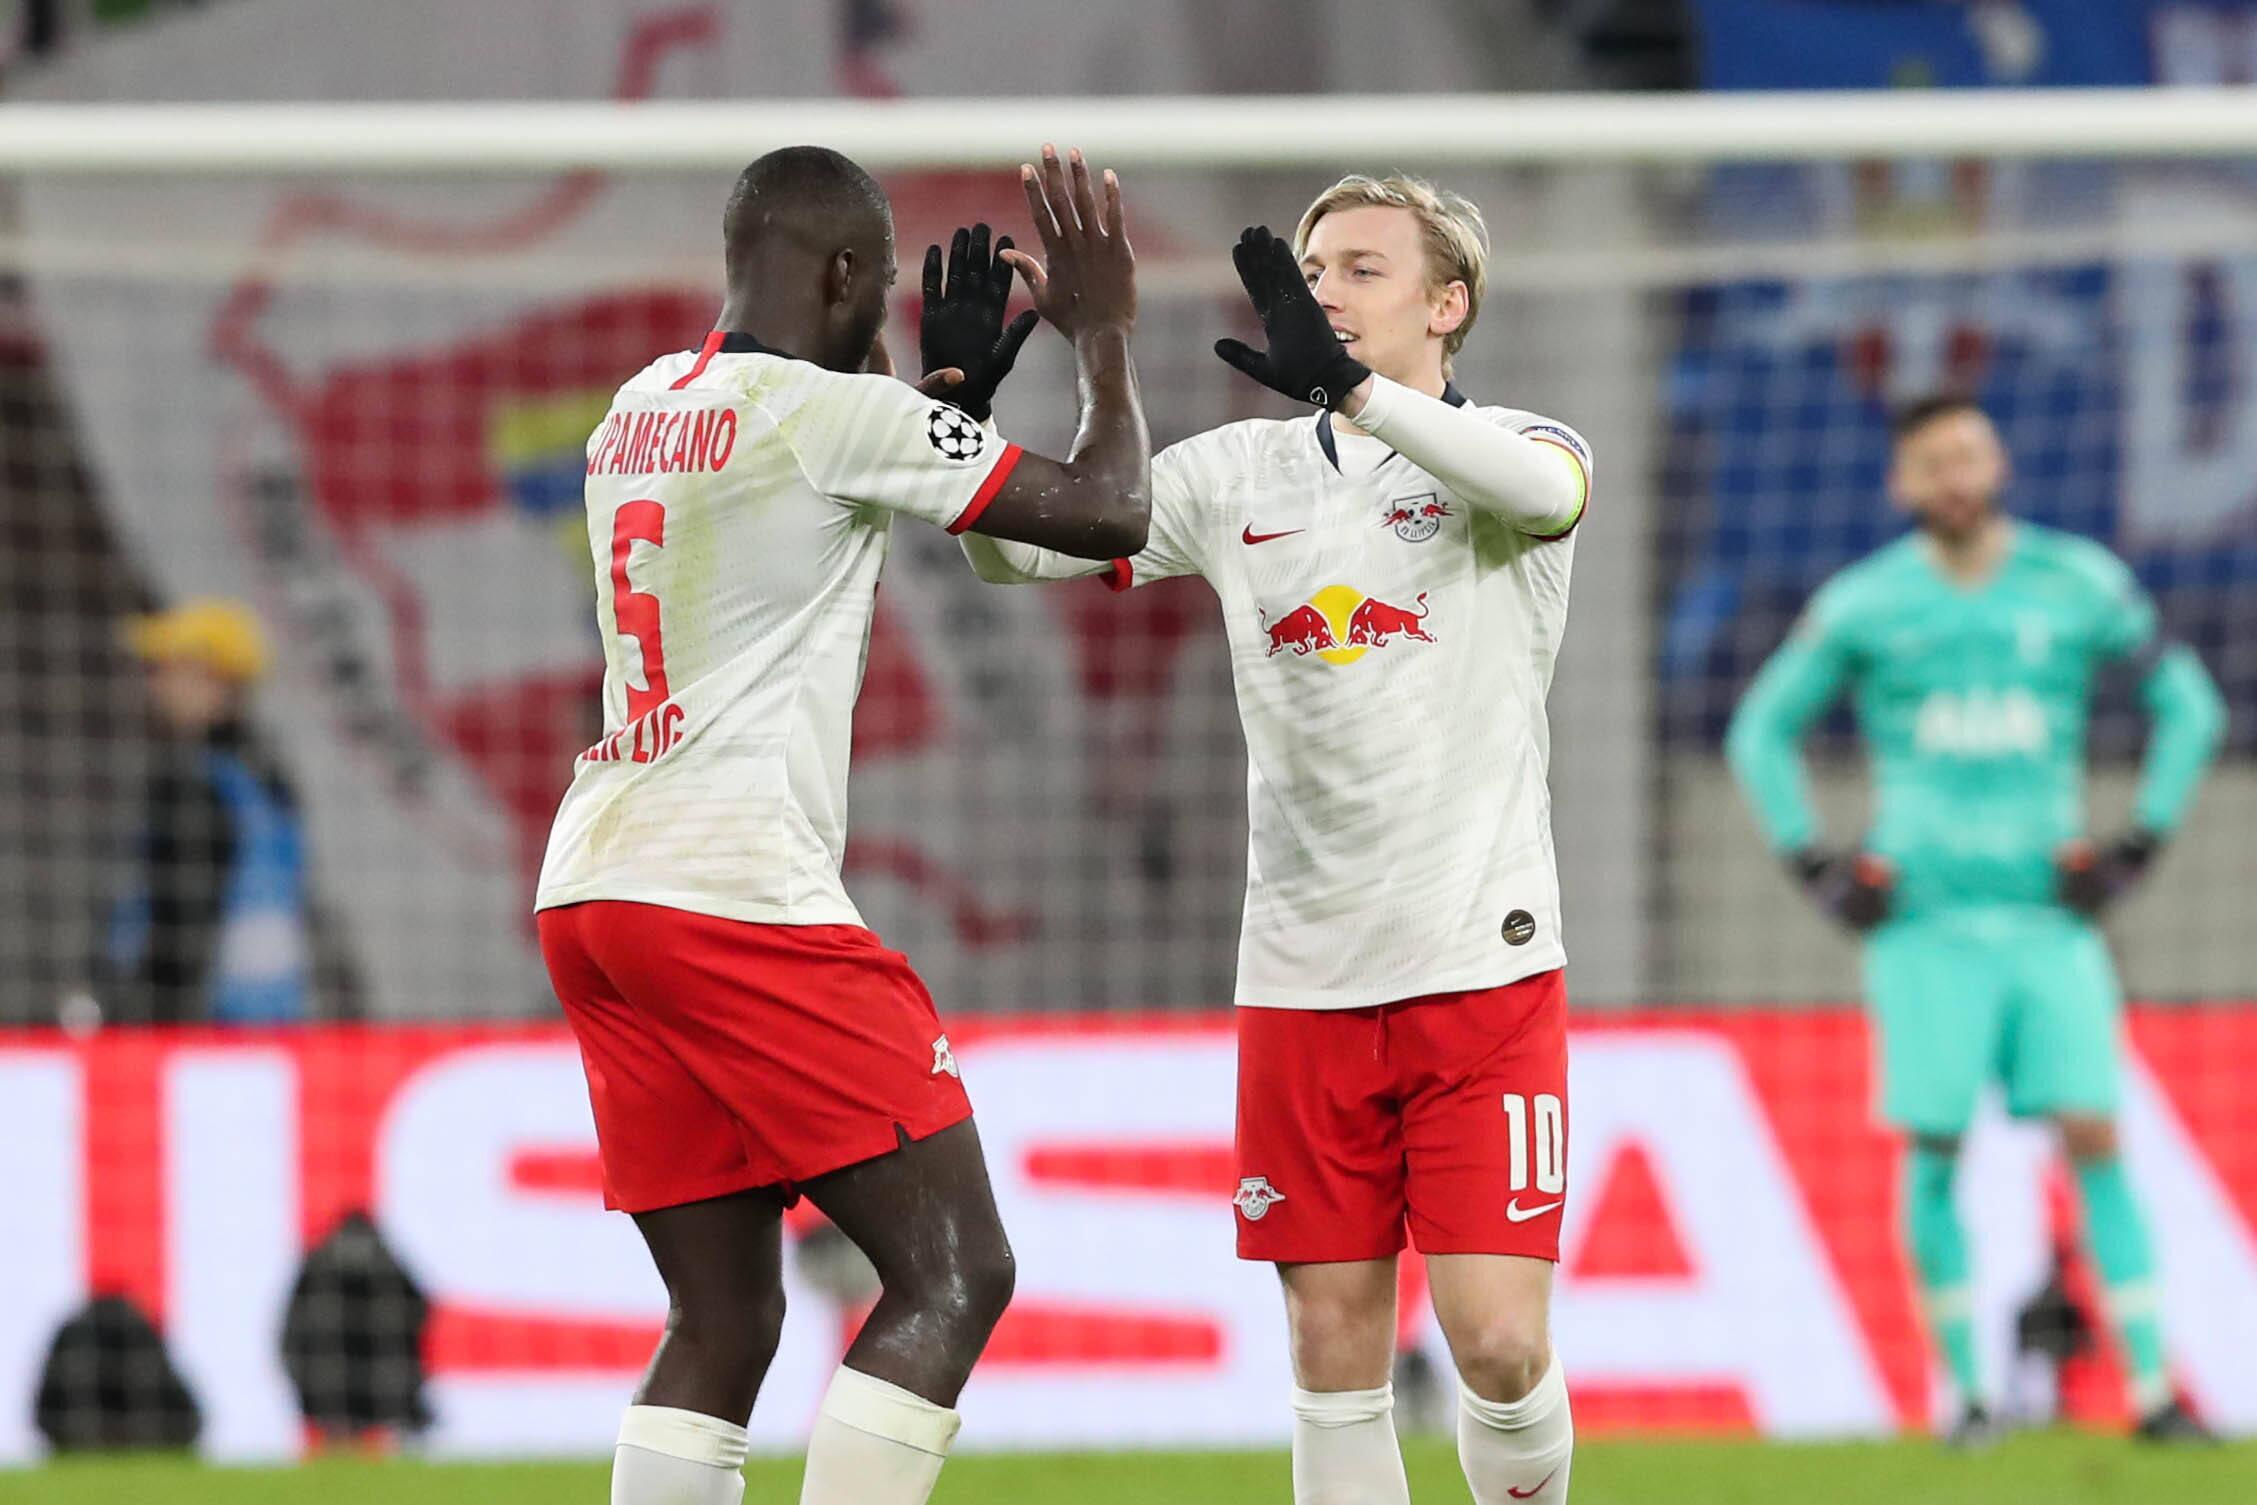 RB Leipzig steht im Halbfinale! So reagiert das Netz